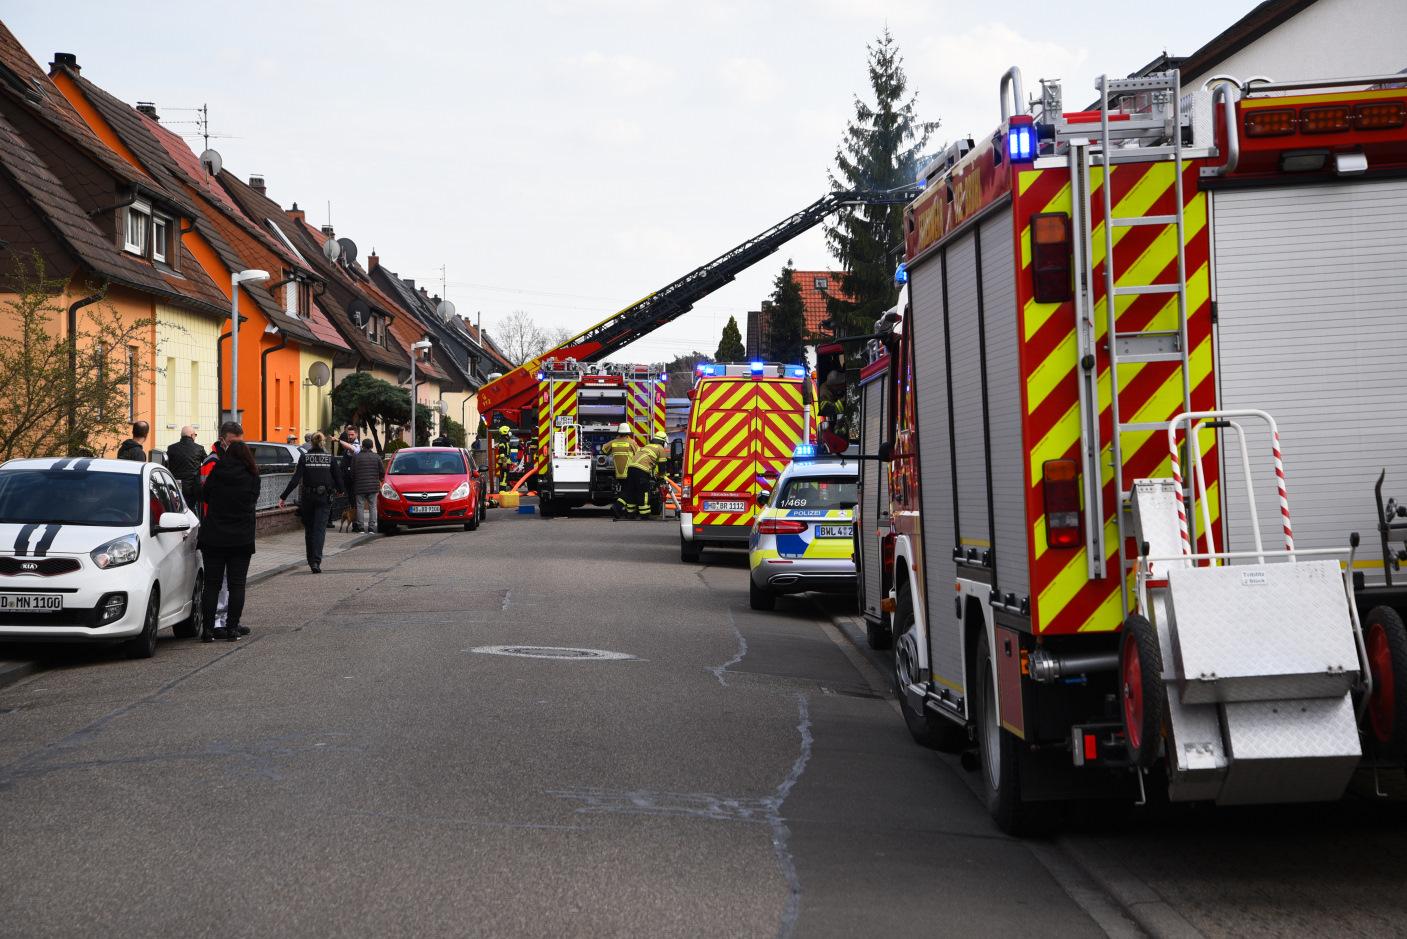 Ketsch/Rhein-Neckar-Kreis: 100.000 Euro Sachschaden bei Dachstuhlbrand - 53-jährige Bewohnerin leicht verletzt - Brandursache noch unbekannt